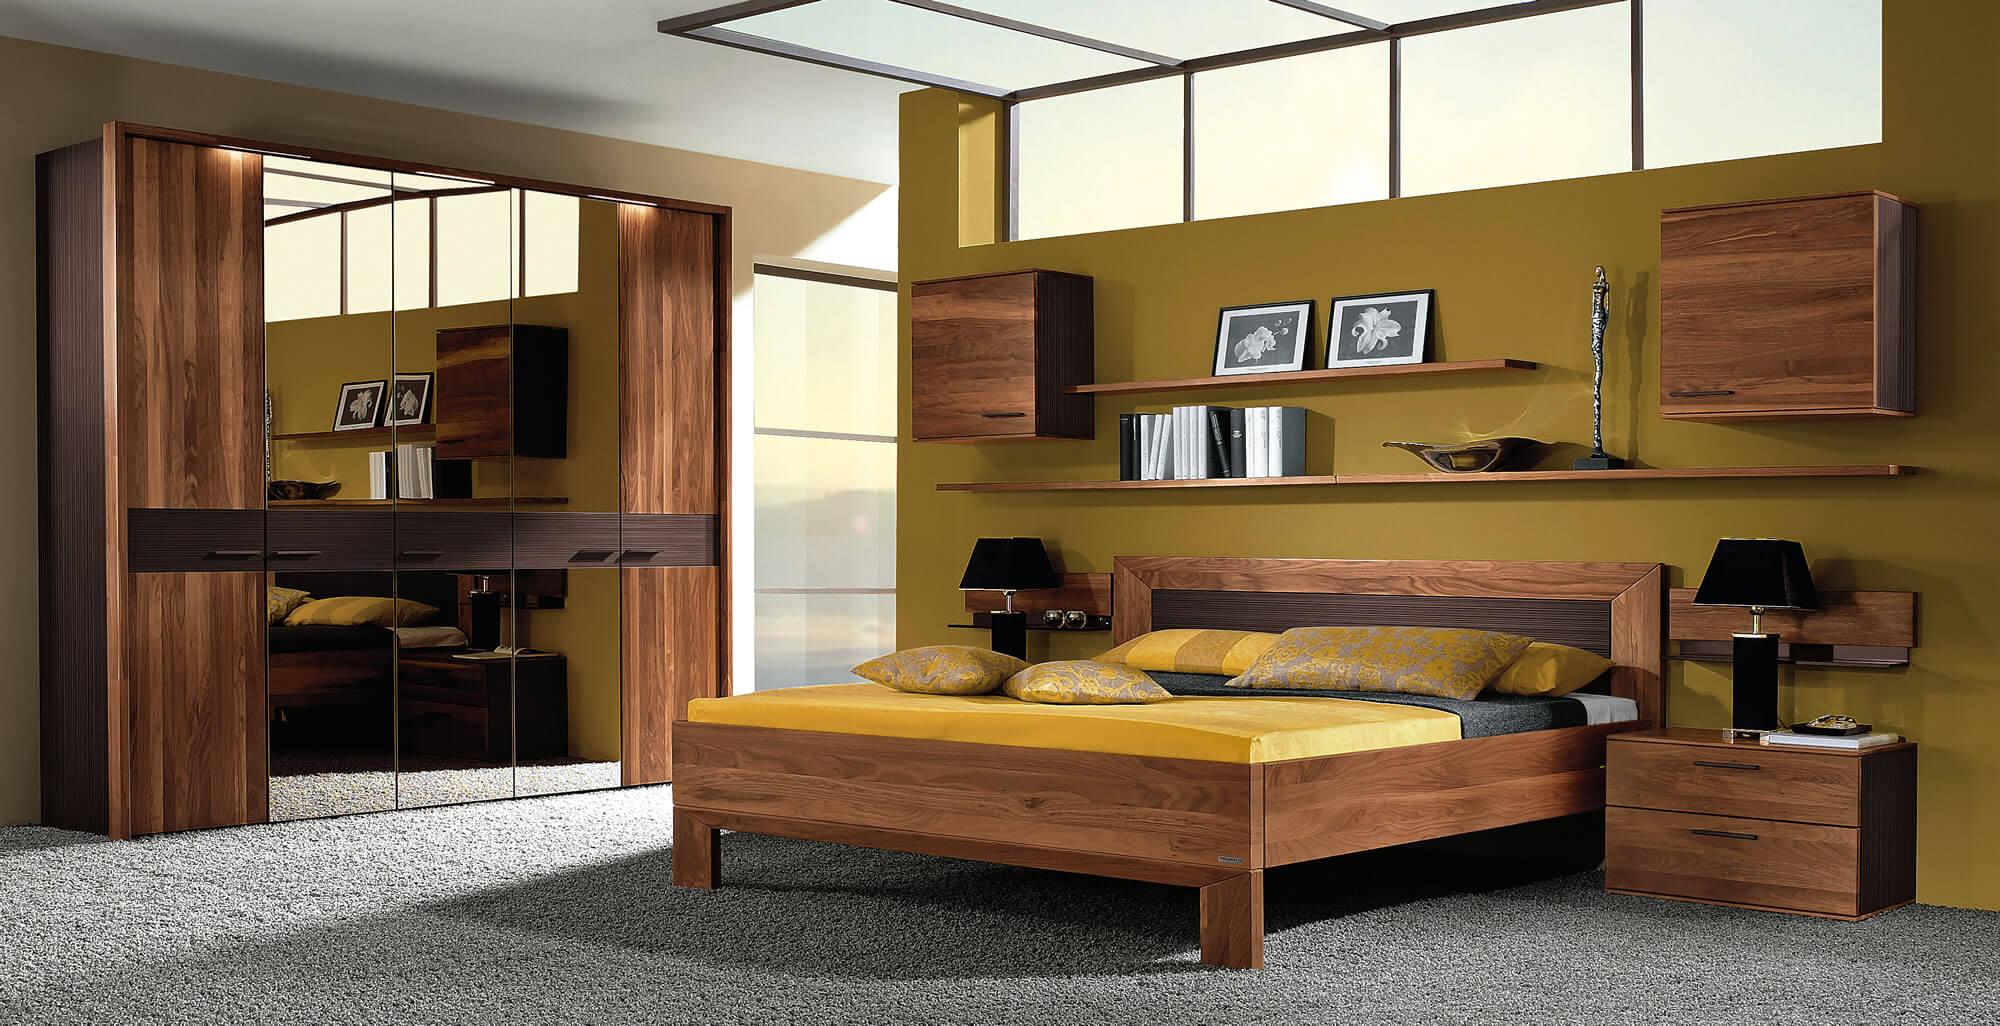 thielemeyer mali schlafzimmer mit bett berbau m bel. Black Bedroom Furniture Sets. Home Design Ideas